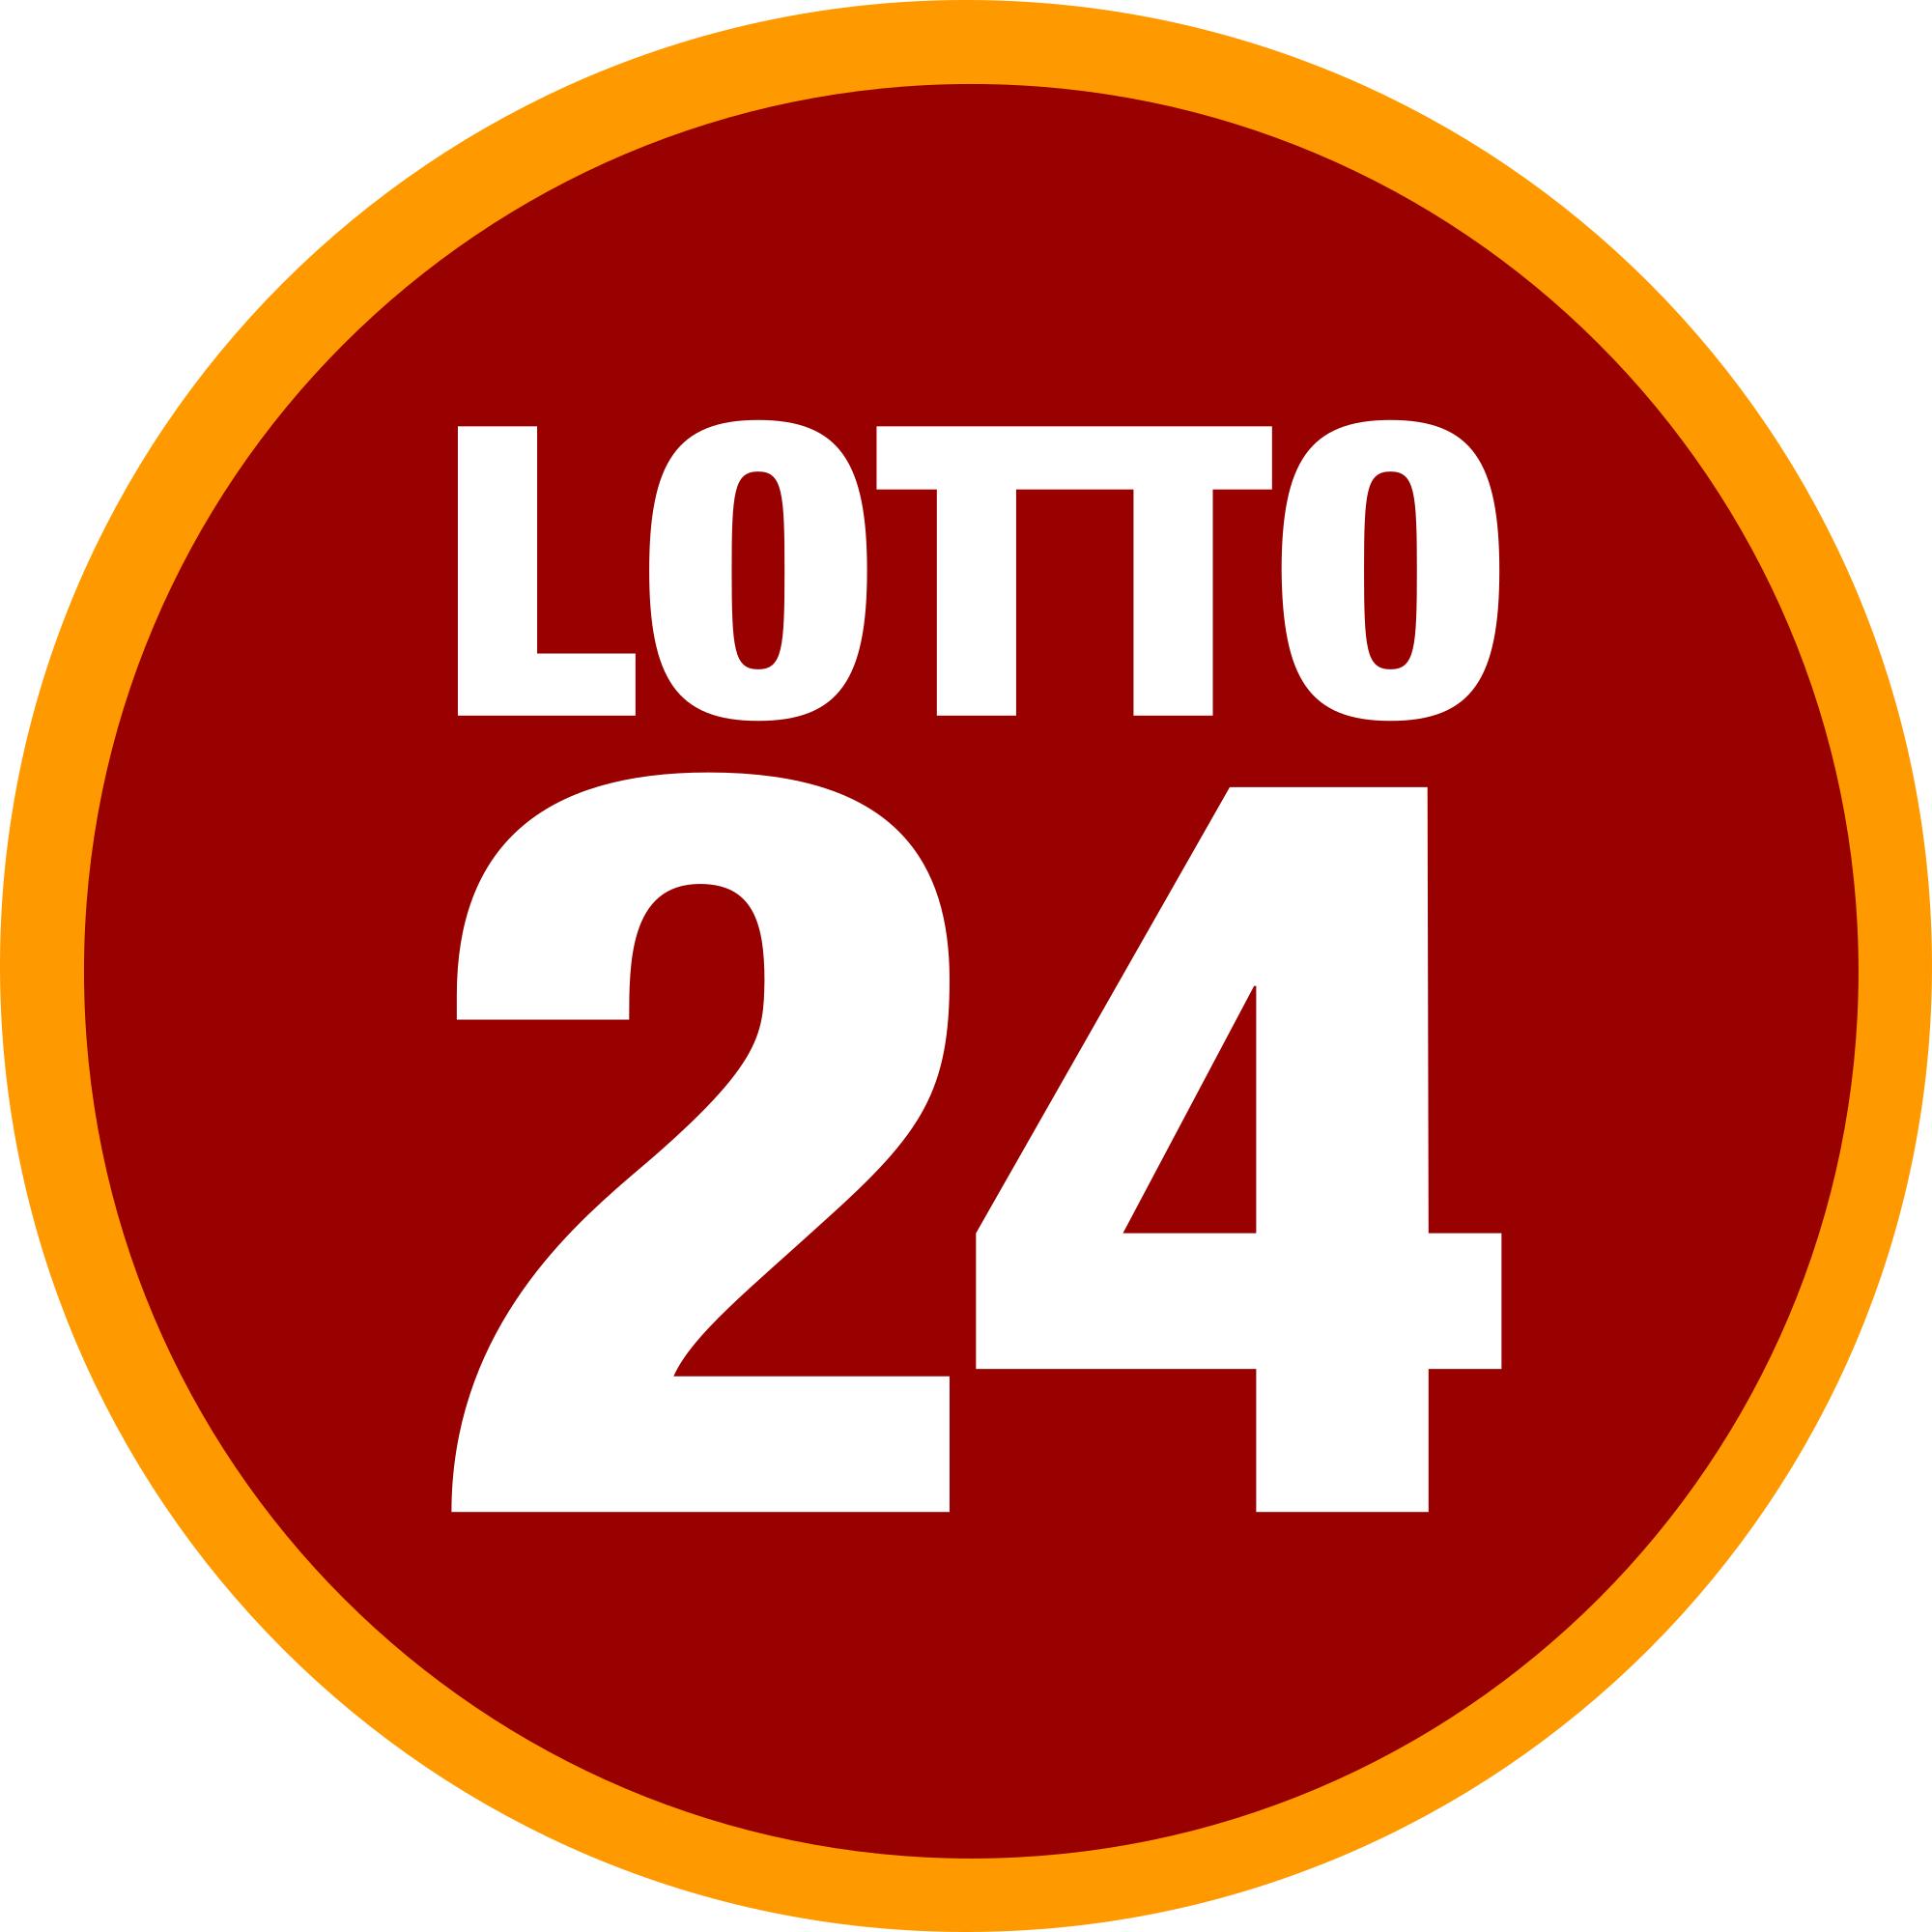 (Lotto24) 5 Euro Gutschein für kurze Umfrage (für alles einsetzbar)